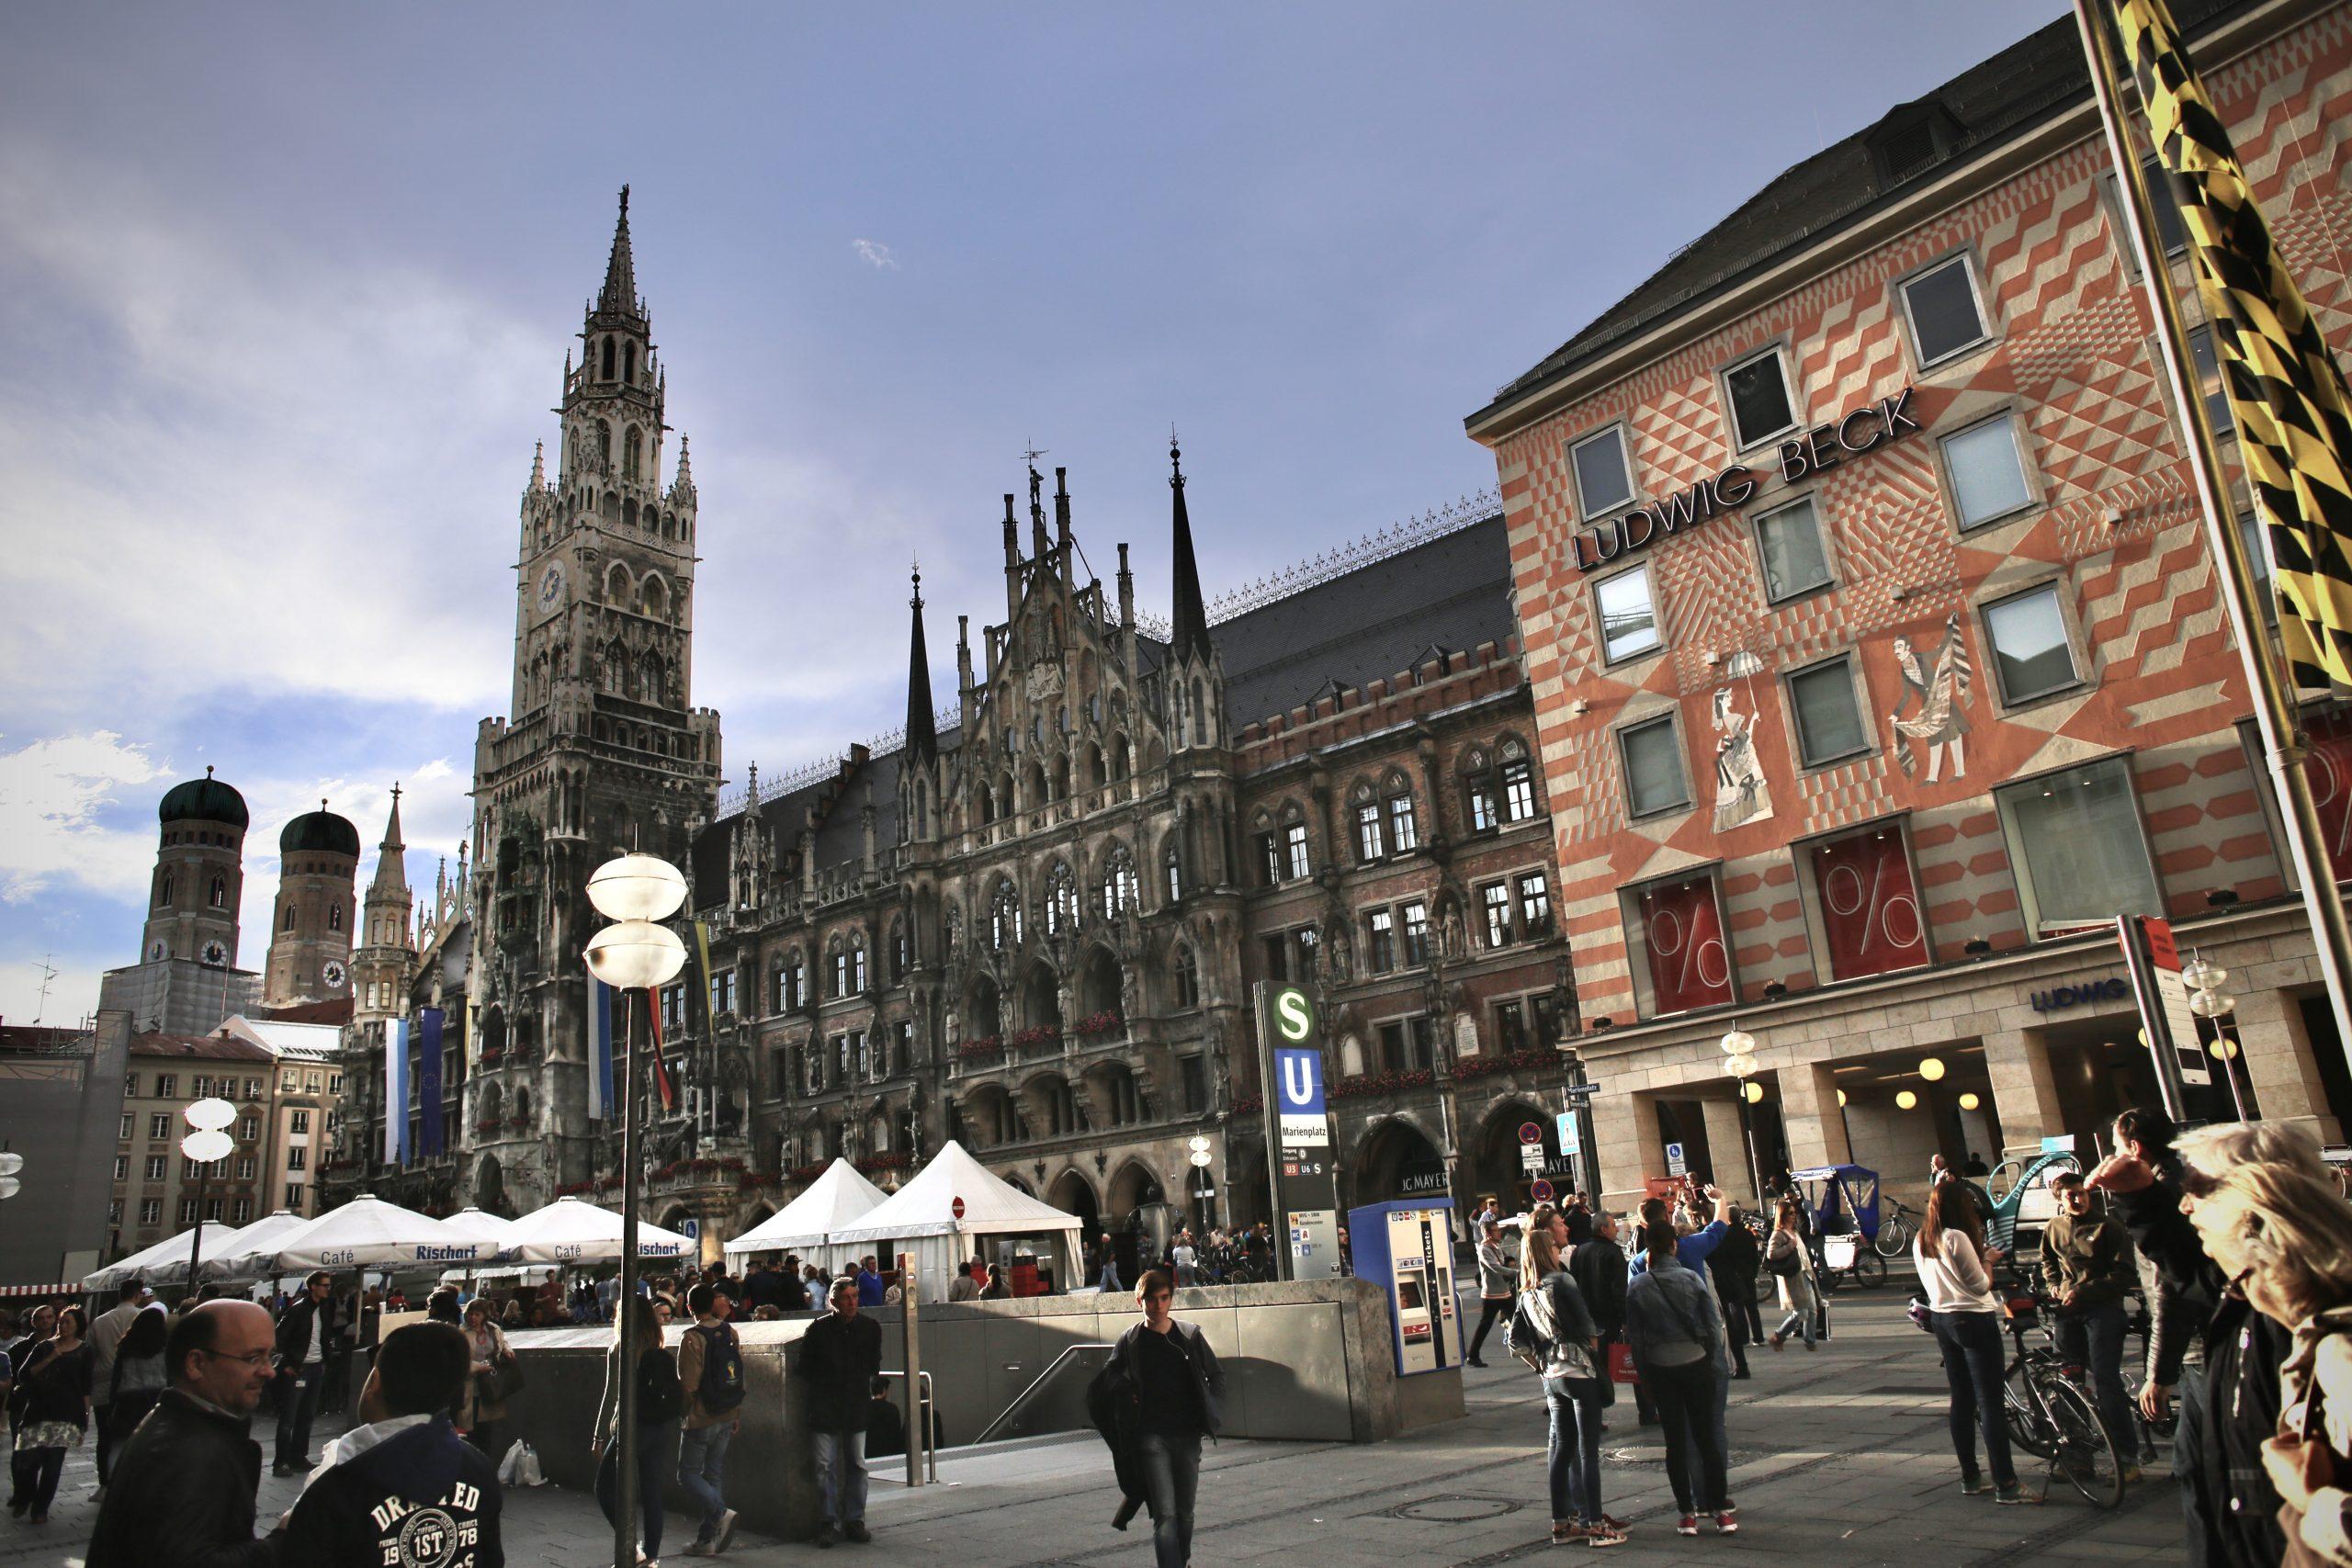 Rathaus, Marienplatz, Munich, Bavaria, Germany